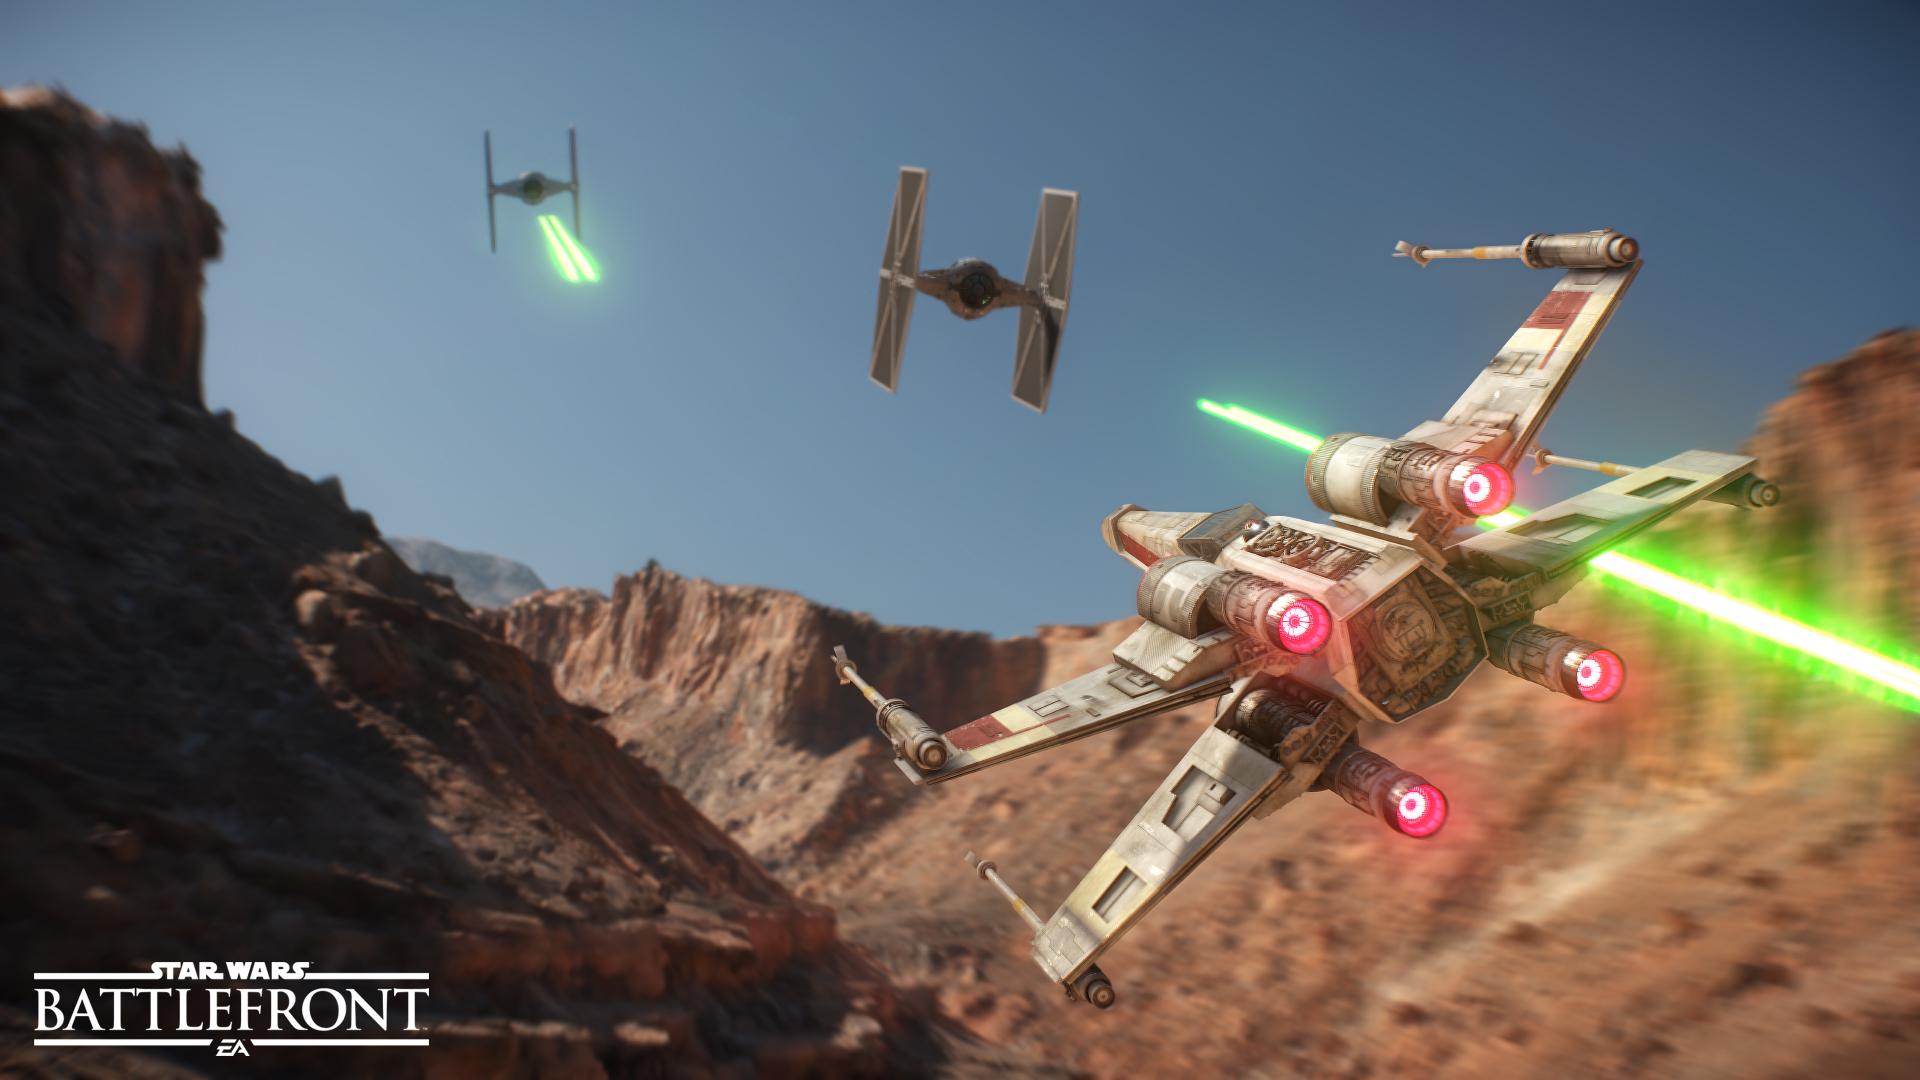 Star Wars Battlefront _4-17_Air-Fight